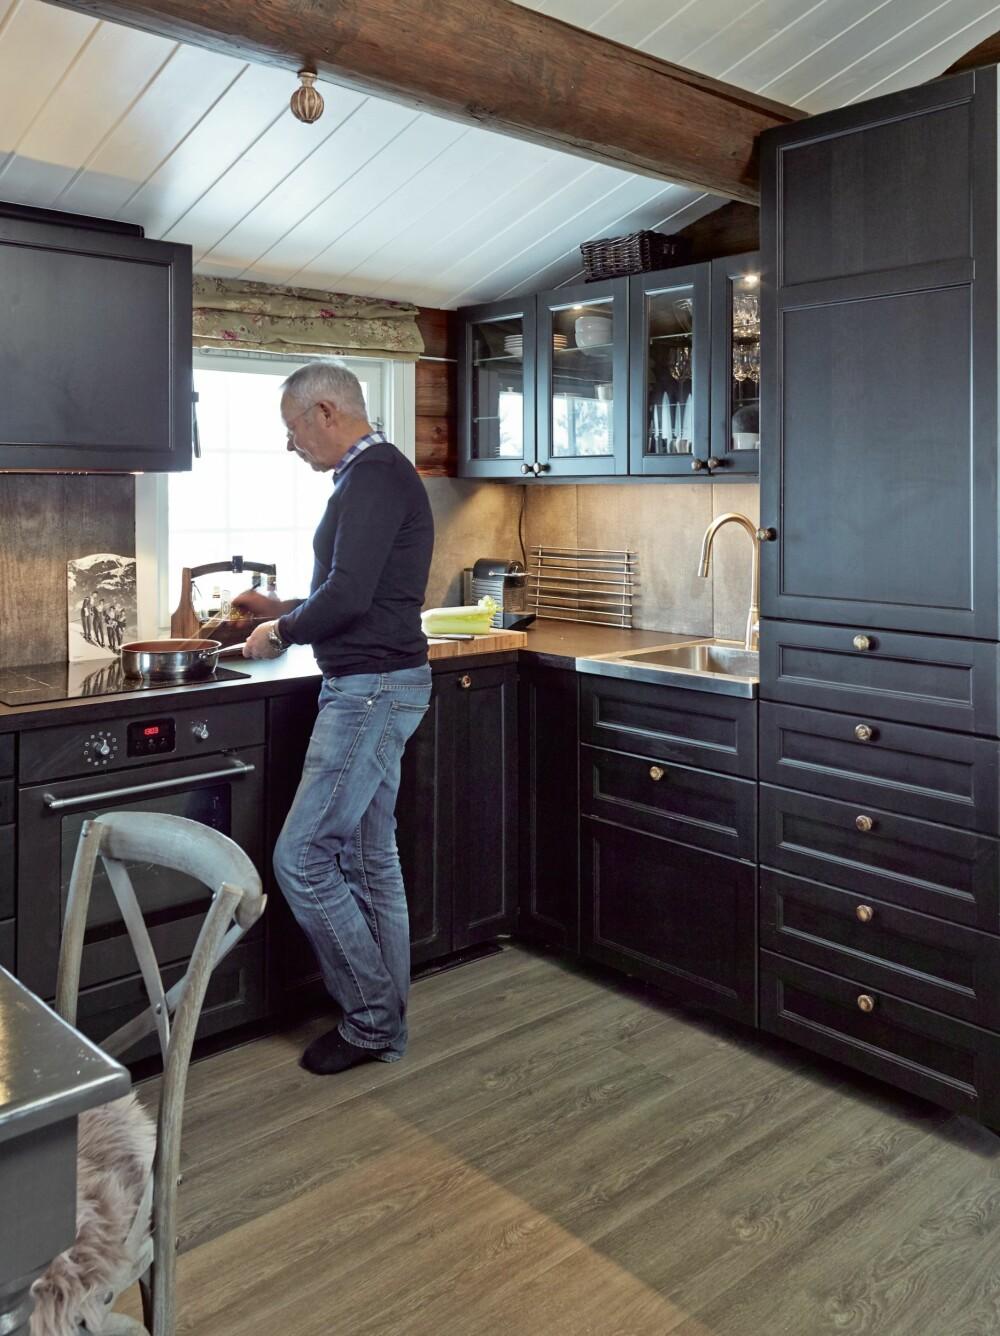 Etter: Den gamle skilleveggen ble revet, og et nytt Ikeakjøkken ble satt inn. Legg merke til veggen mellom kjøkkenbenken og overskapene. Den er flislagt med store, robuste utendørsfliser kjøpt på Magflis. Et fint tips til en moderne og røff interiørstil. Det nye gulvet er designet av Halvor Bakke for Gulvdeal, i en serie som heter Nordic Old Farm i mørk drivved.